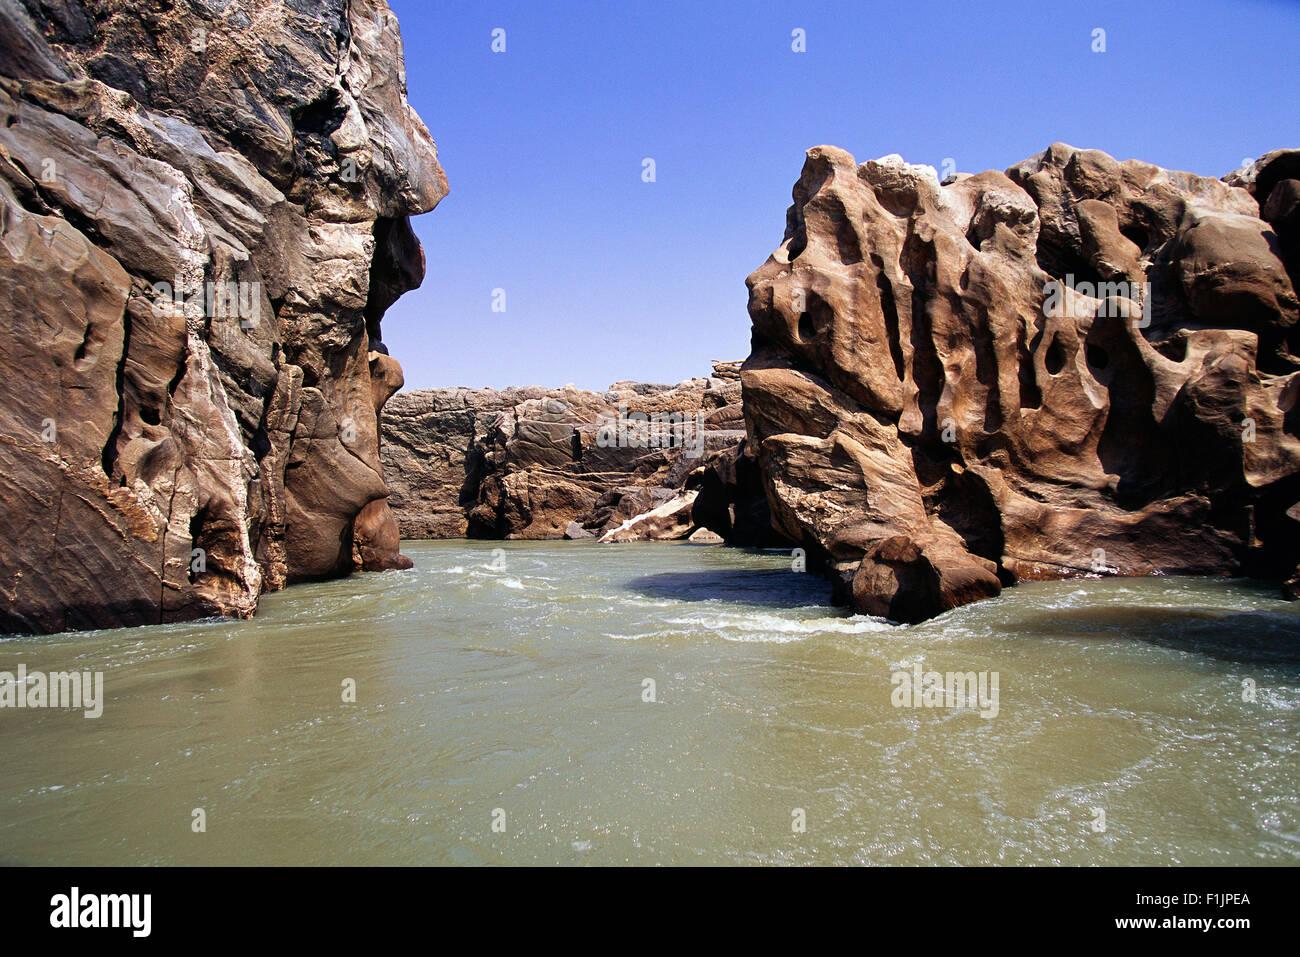 Les formations rocheuses et la rivière Kunene, Namibie, Afrique Banque D'Images